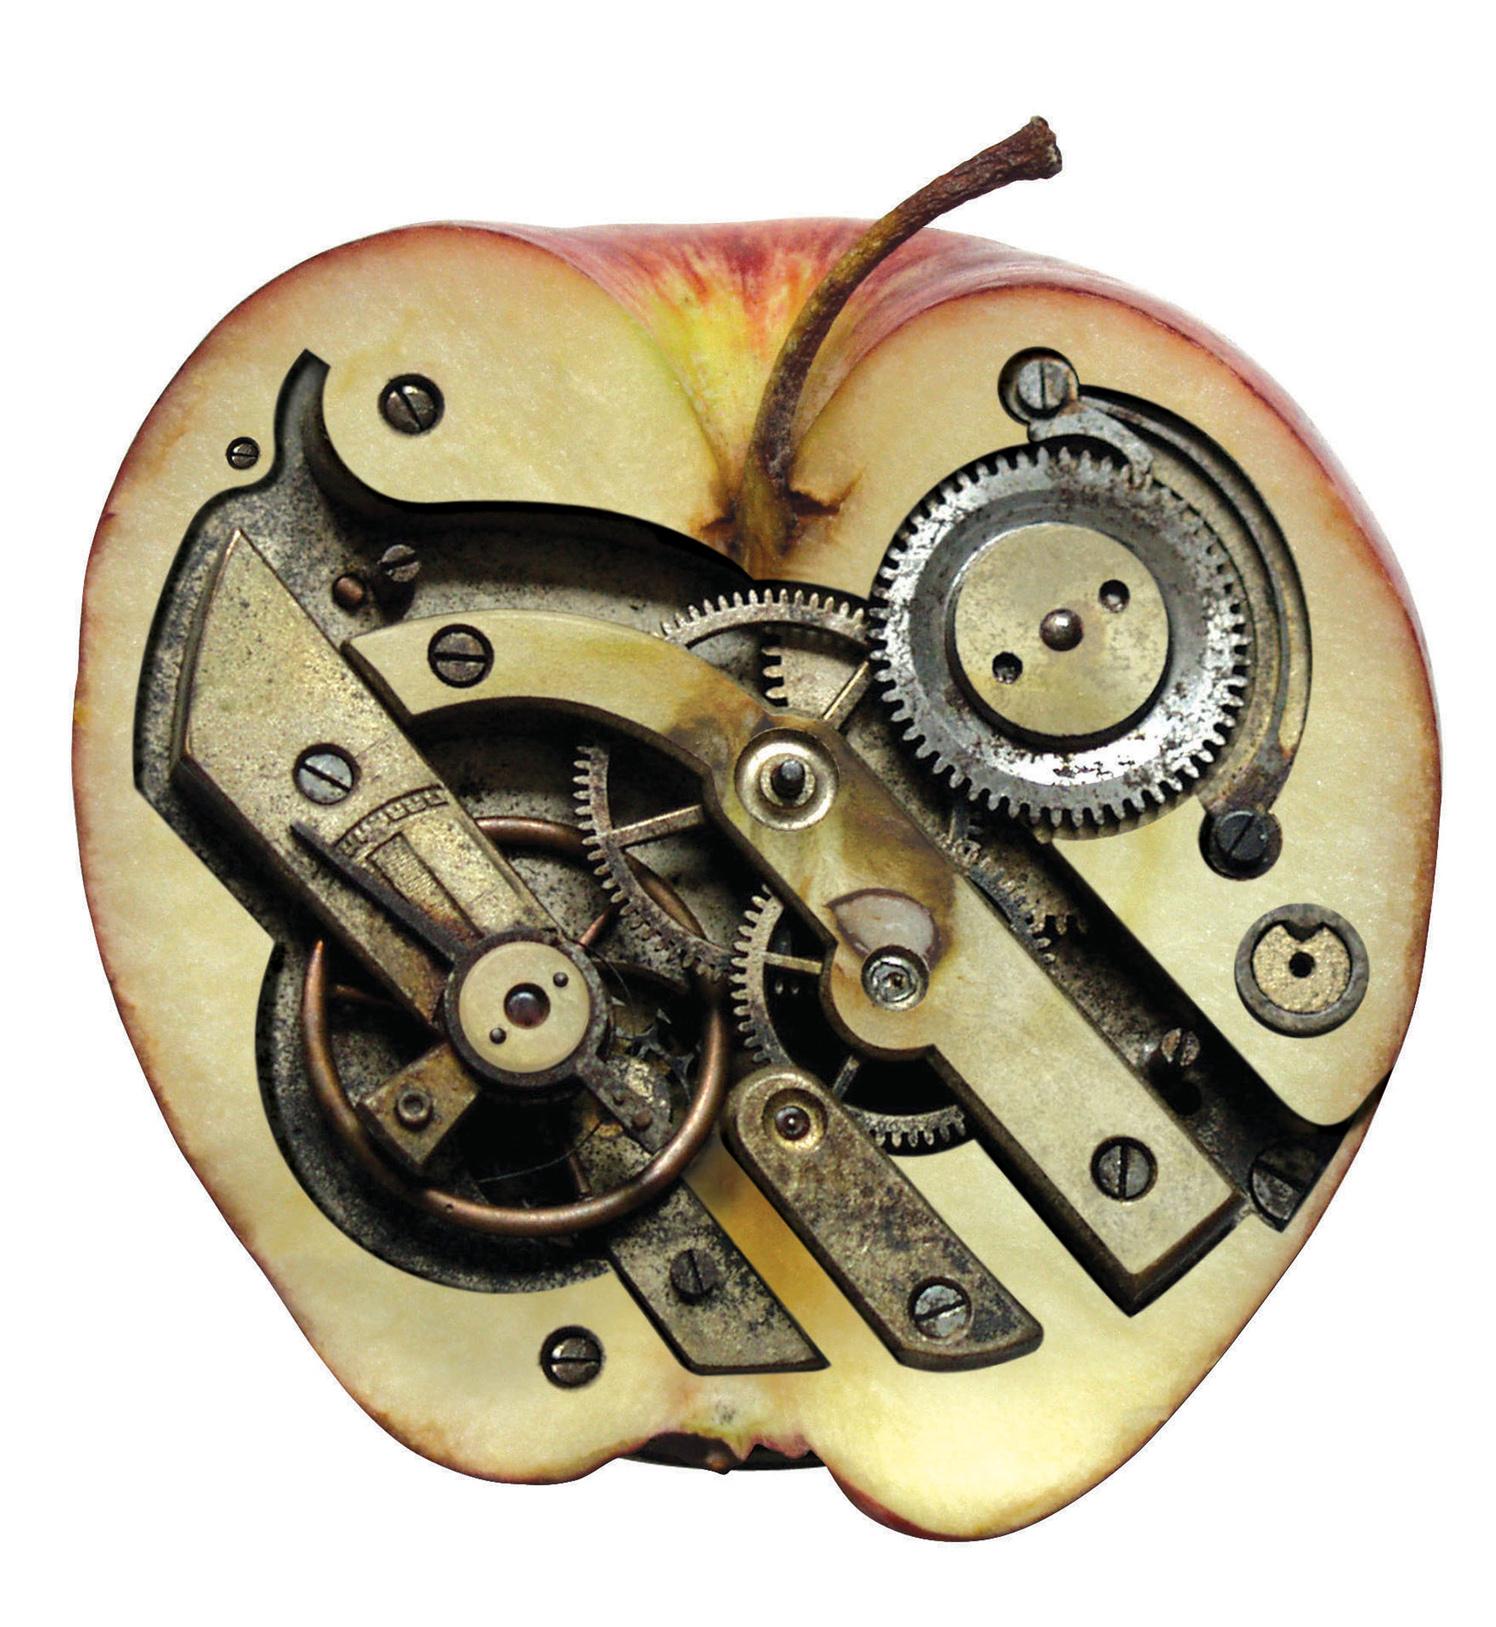 Clockwork Apple NY Times